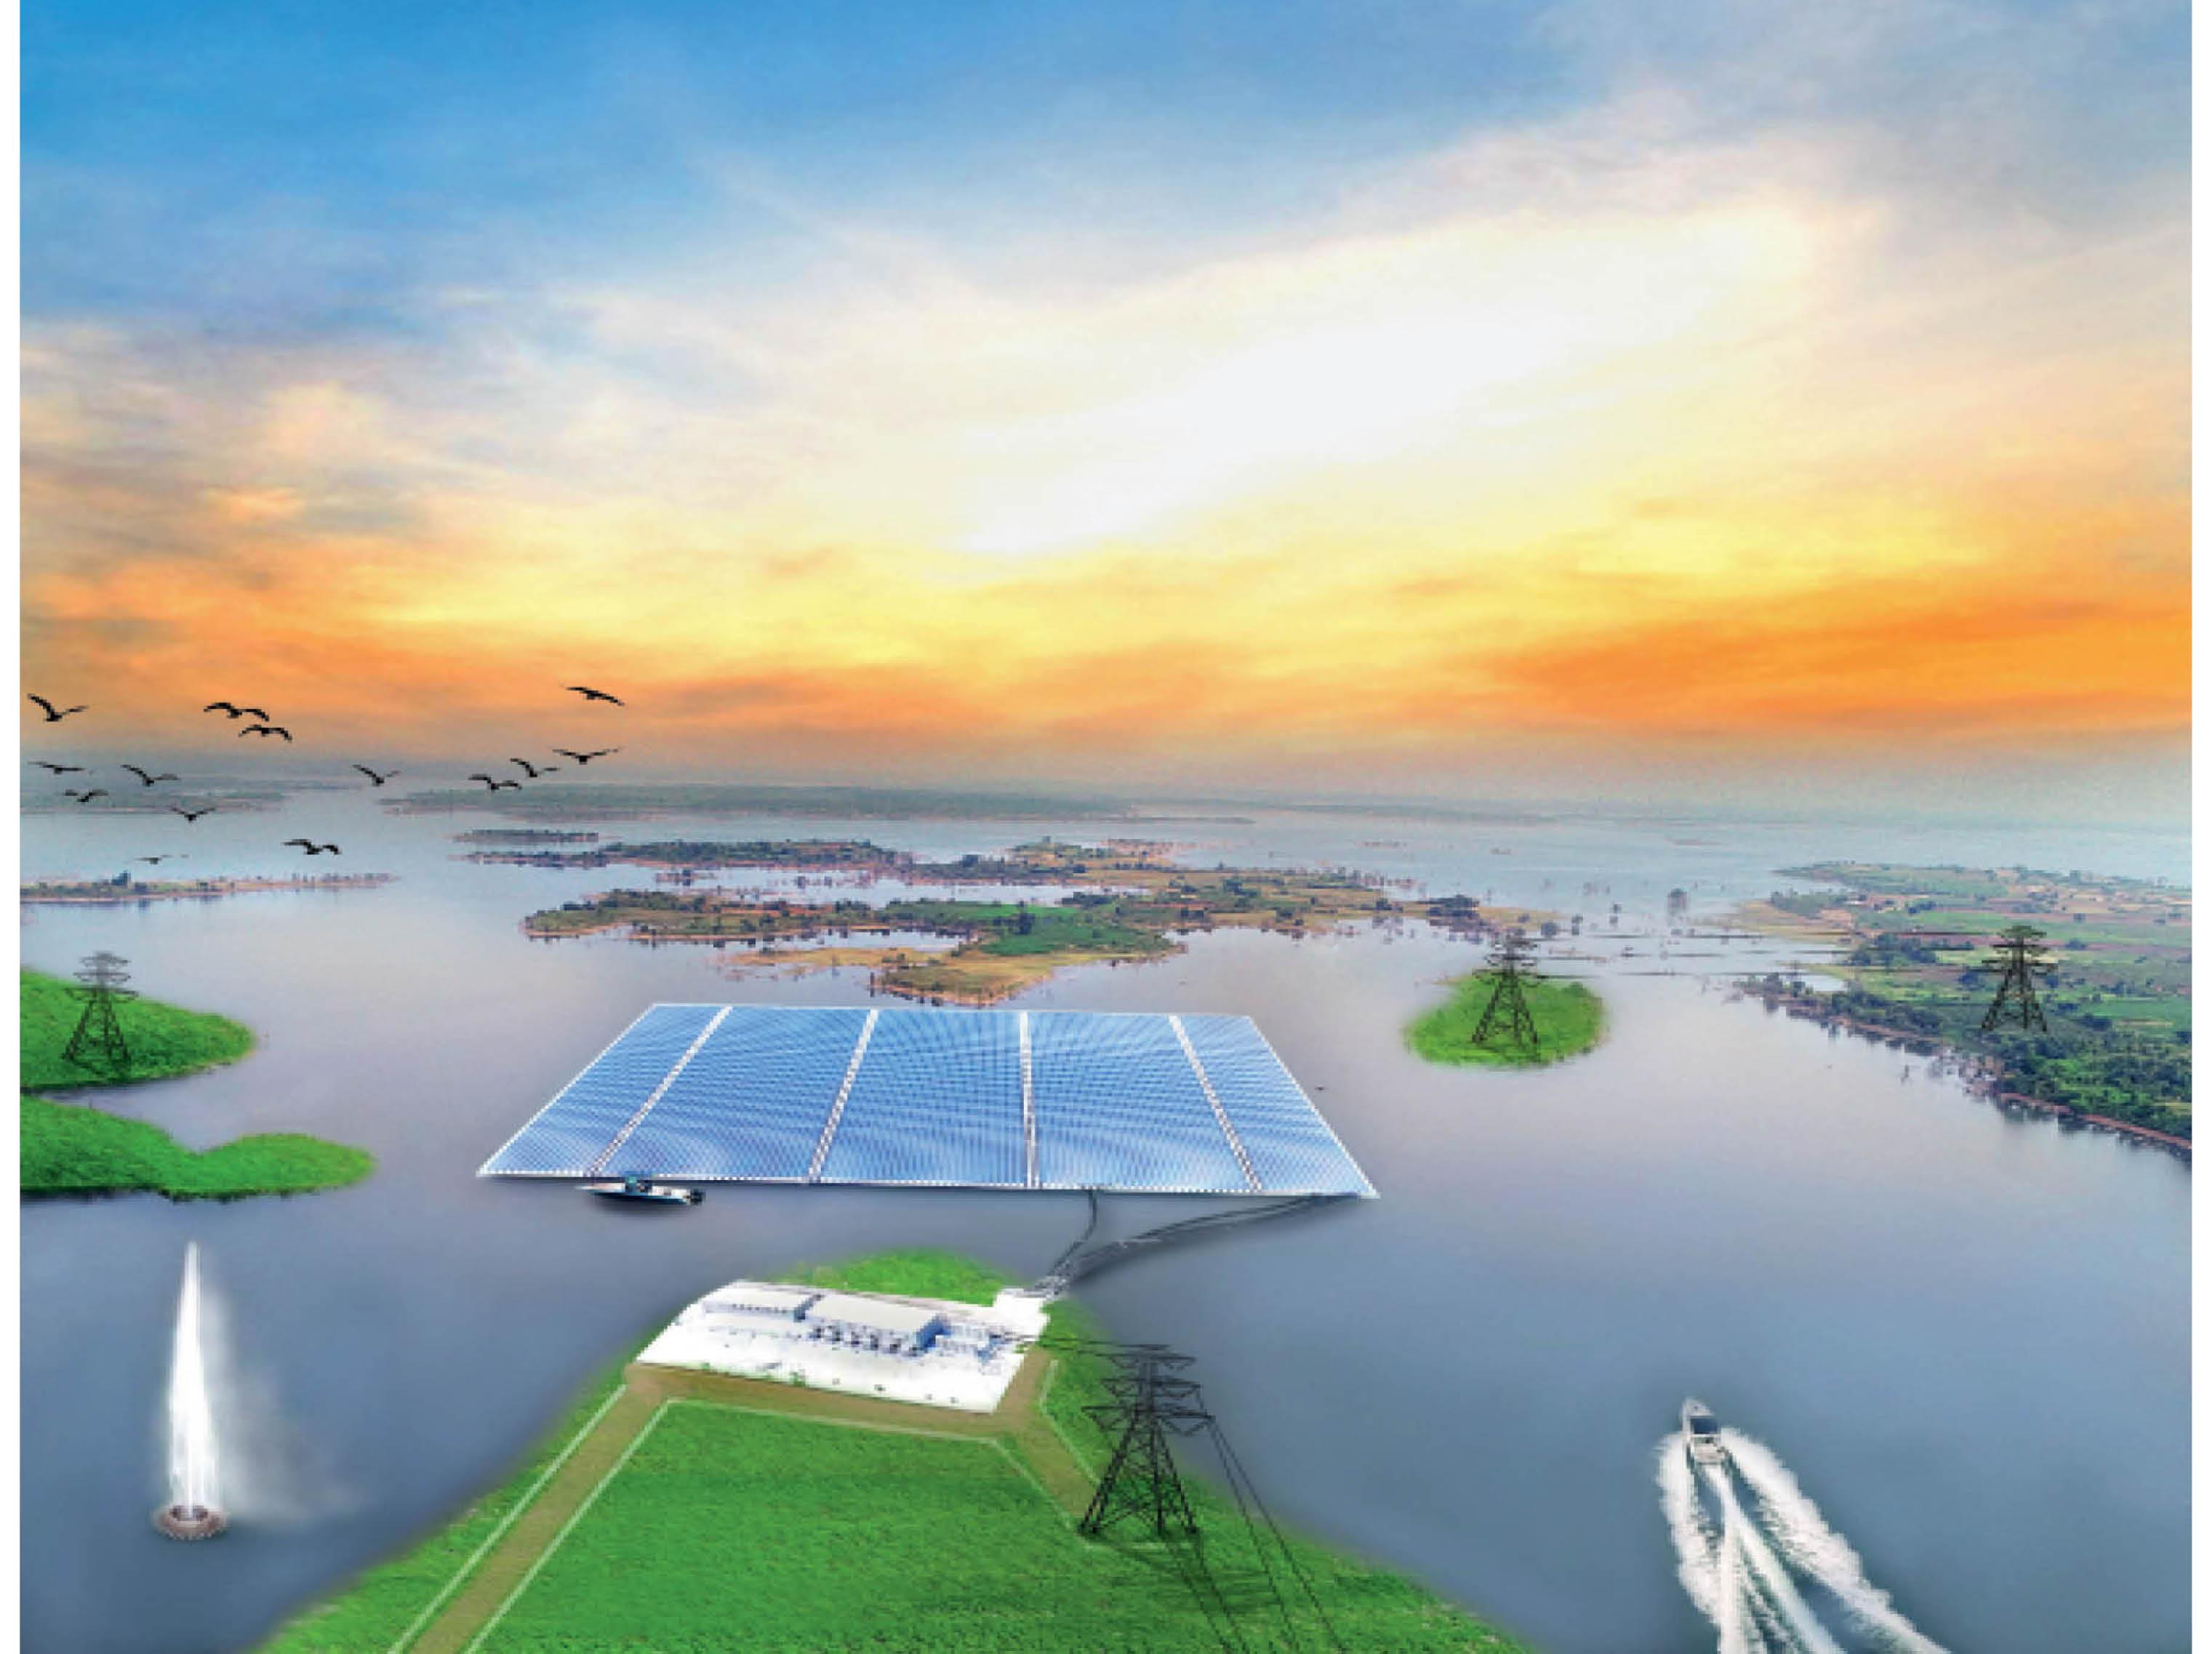 बजट में घोषणा: ओंकारेश्वर में बनेगा दुनिया का सबसे बड़ा फ्लाइटिंग सेलेर प्लांट;  नवंबर 2023 तक बनकर तैयार हाए होगा